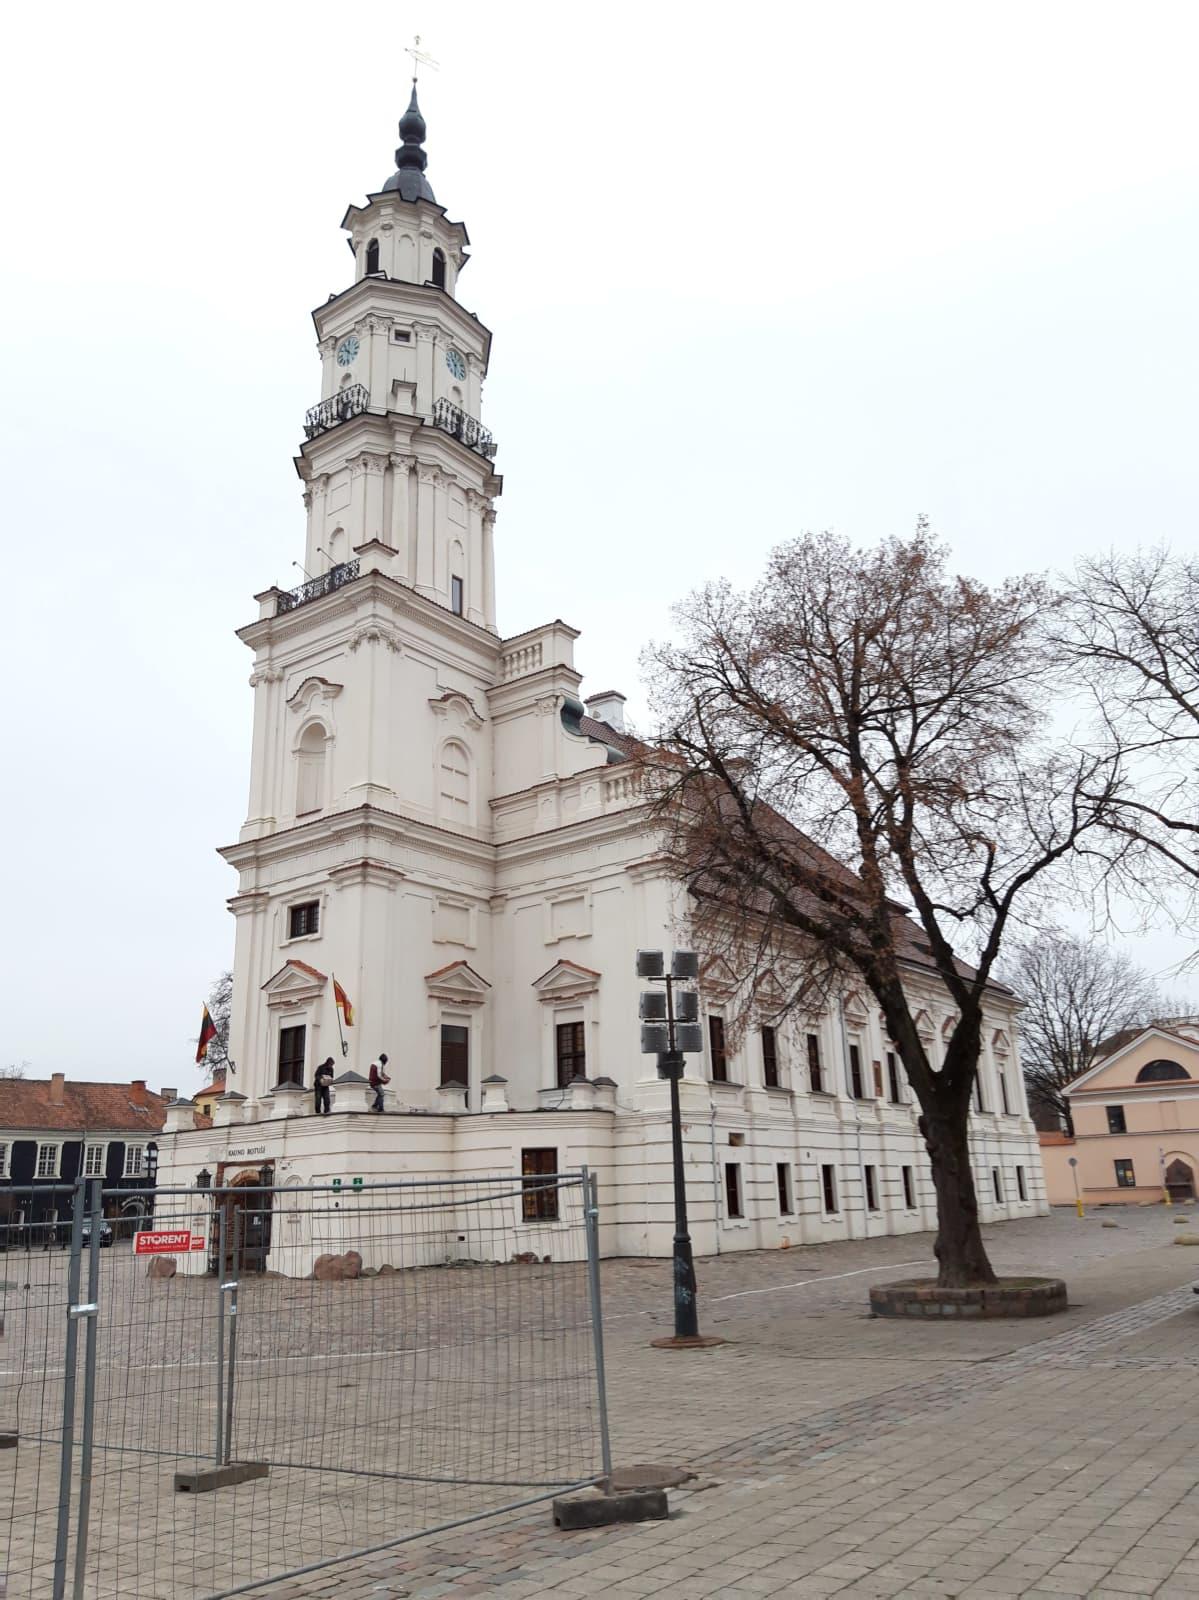 Kaunasin raatihuone